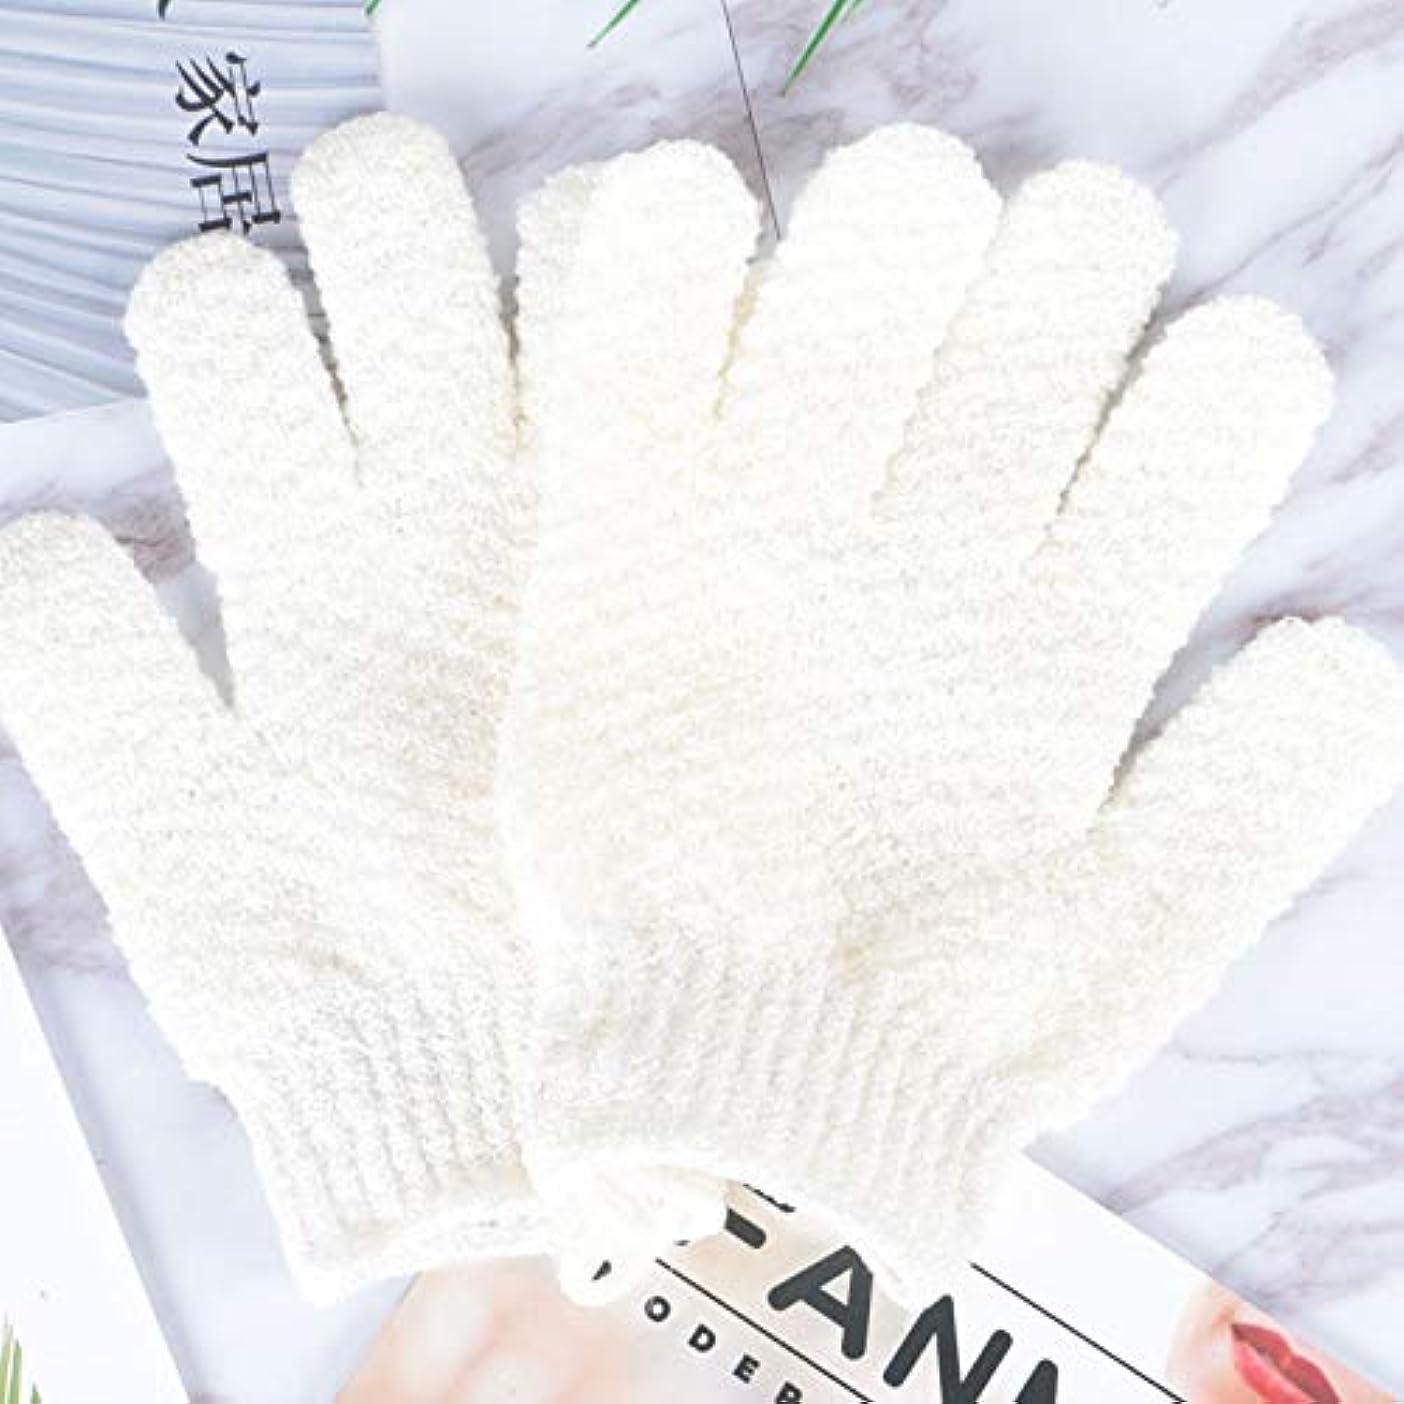 証明書広げるサービスBTXXYJP お風呂用手袋 あかすり シャワー手袋 ボディタオル ボディブラシ やわらか バス用品 角質除去 (Color : GREEN-B)